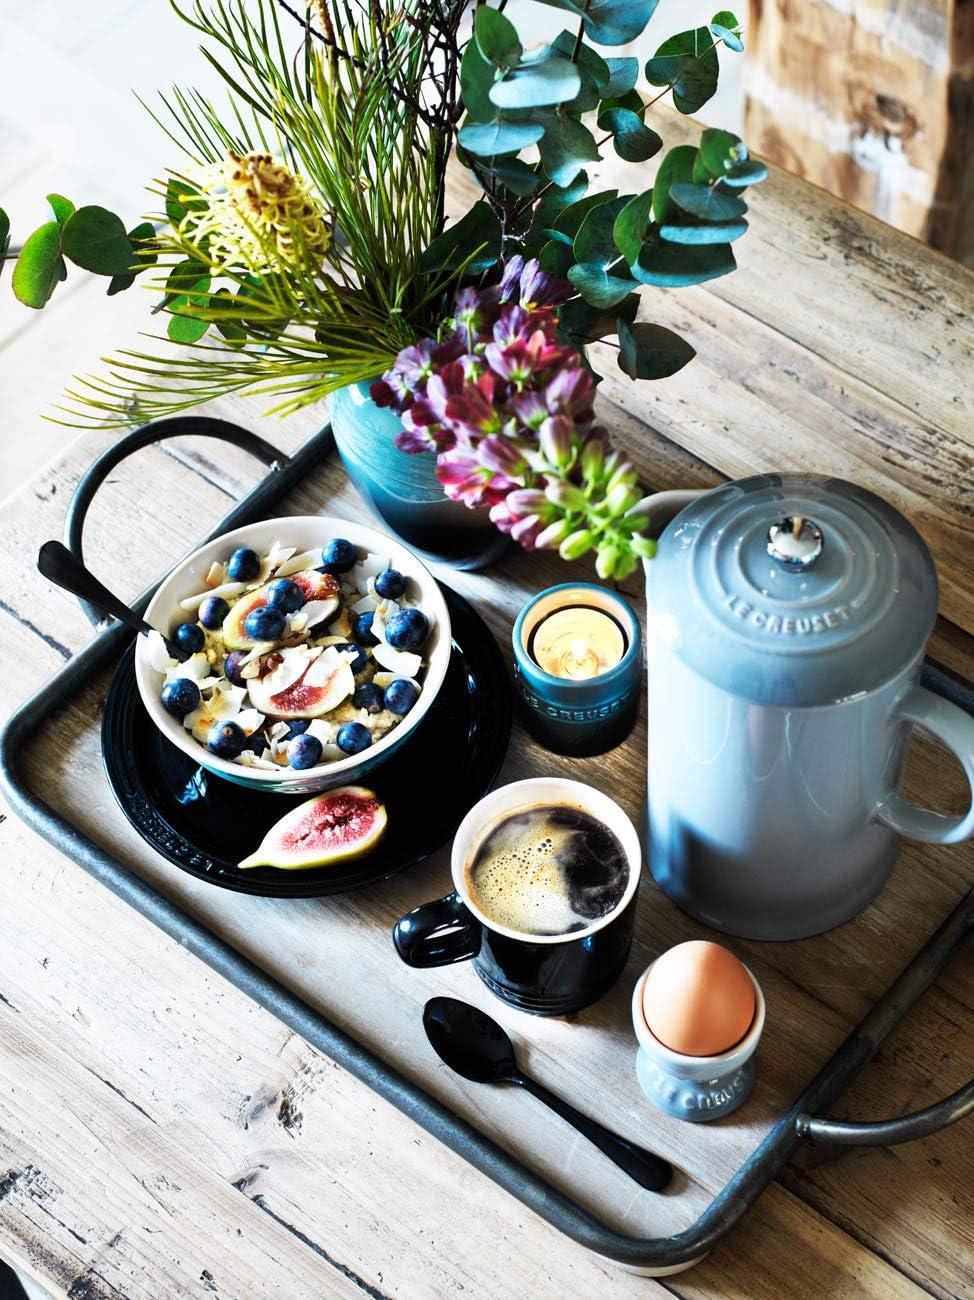 Le Creuset Stoneware Cafetiere Duck Egg Blue